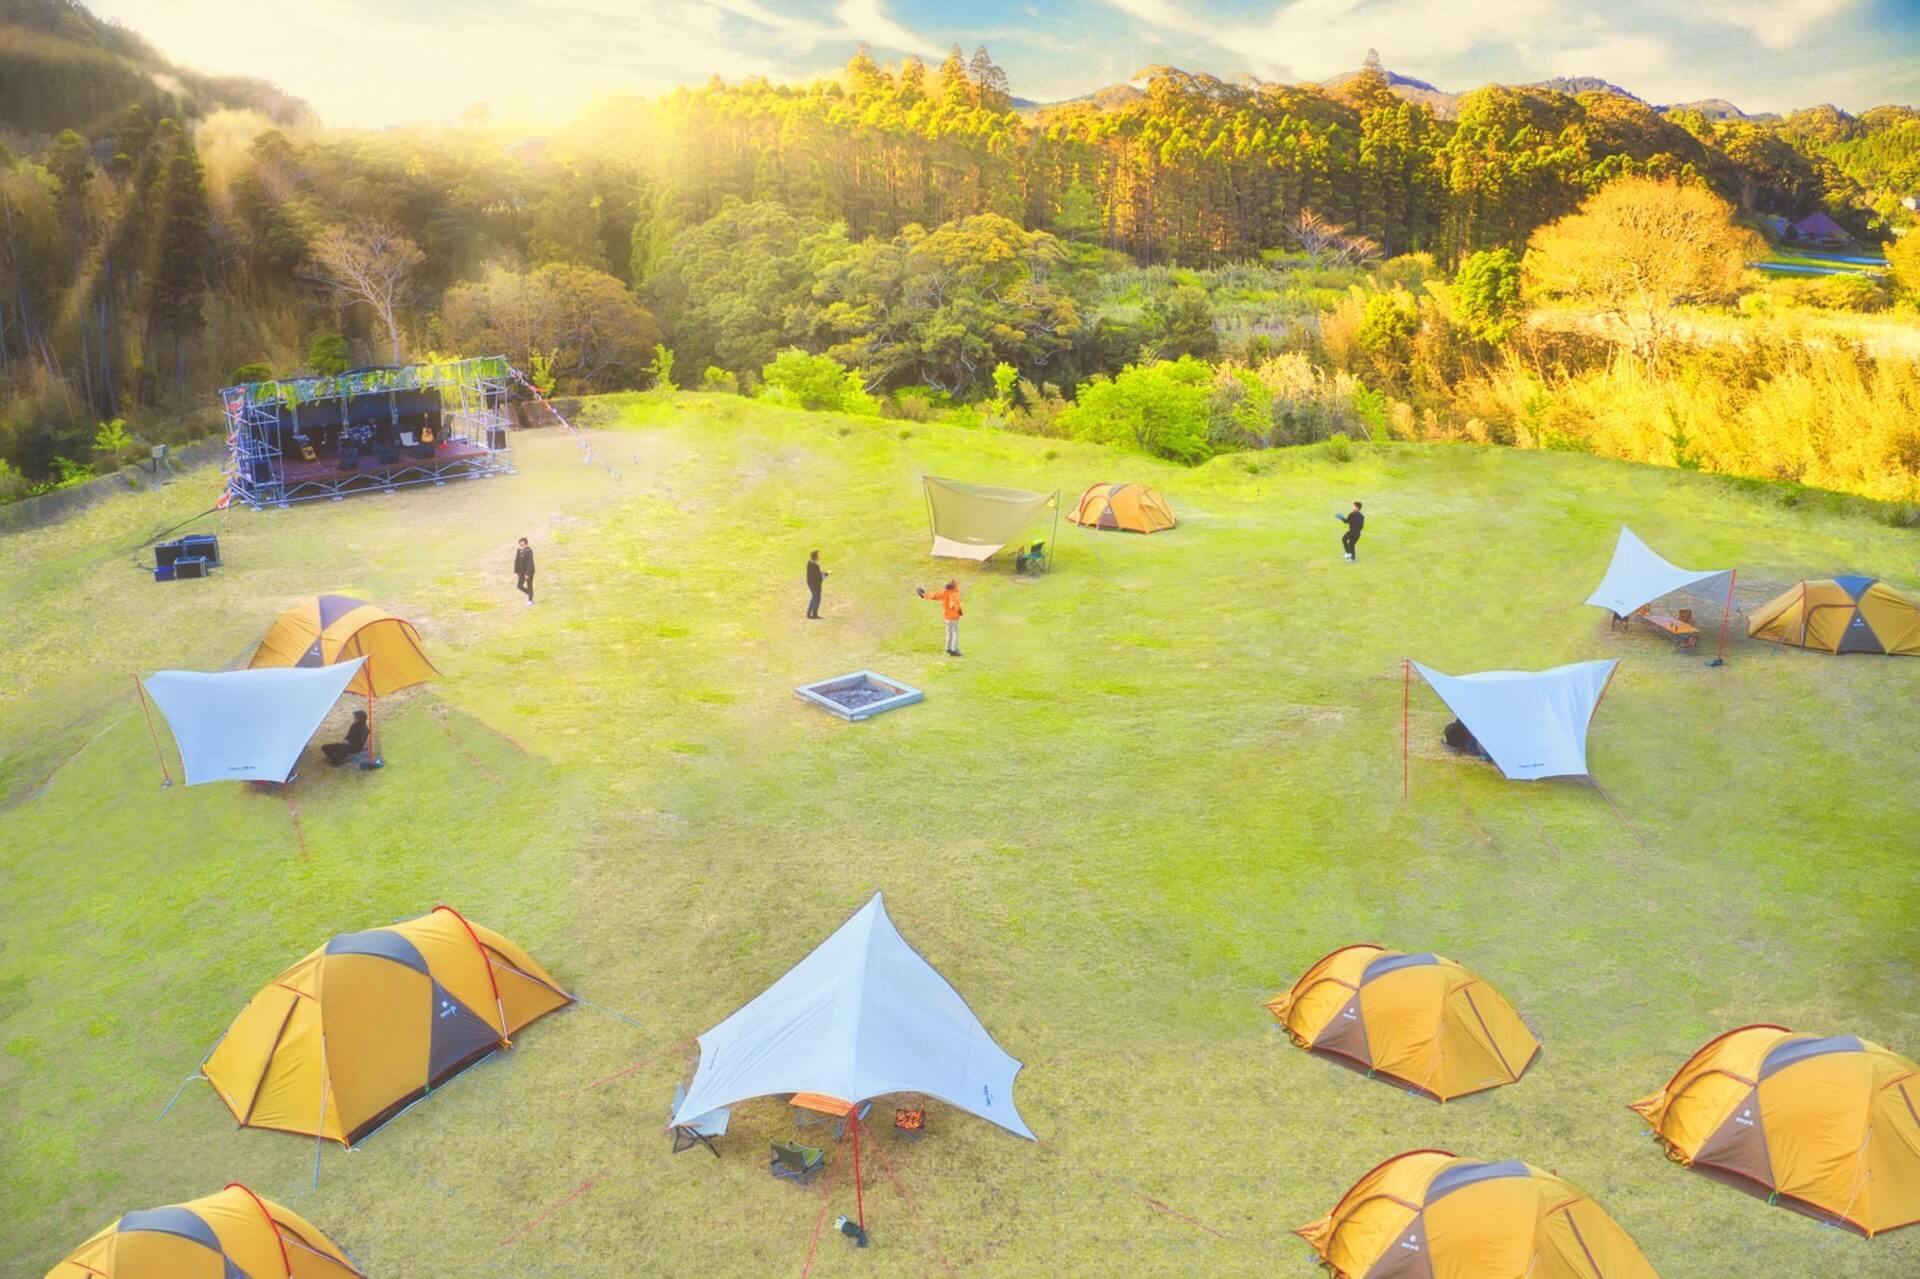 音楽と瞑想、ヨガ、サウナで心を癒し整えるキャンプフェス<SOUL RETREAT CAMP 2021>が開催決定! culture20121_soulretreatcamp_20